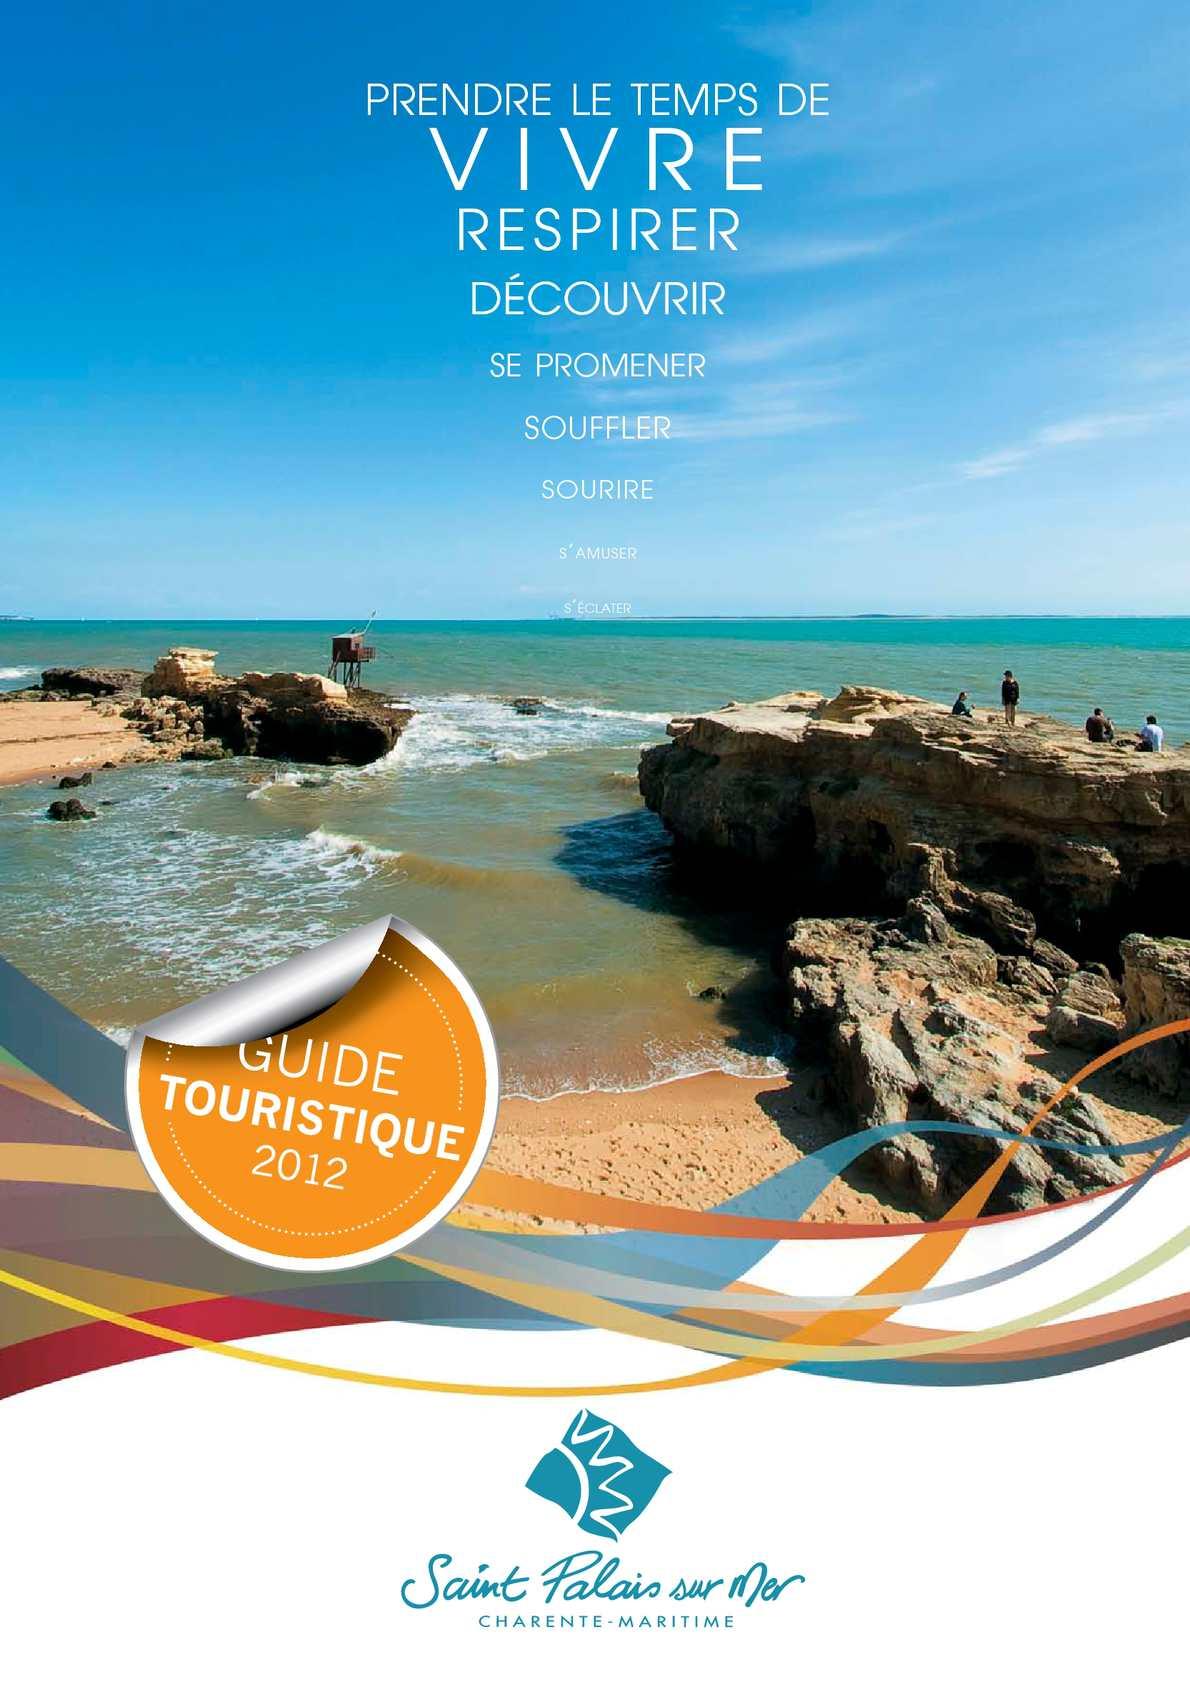 Calam o guide touristique 2012 saint palais sur mer - Saint palais sur mer office du tourisme ...